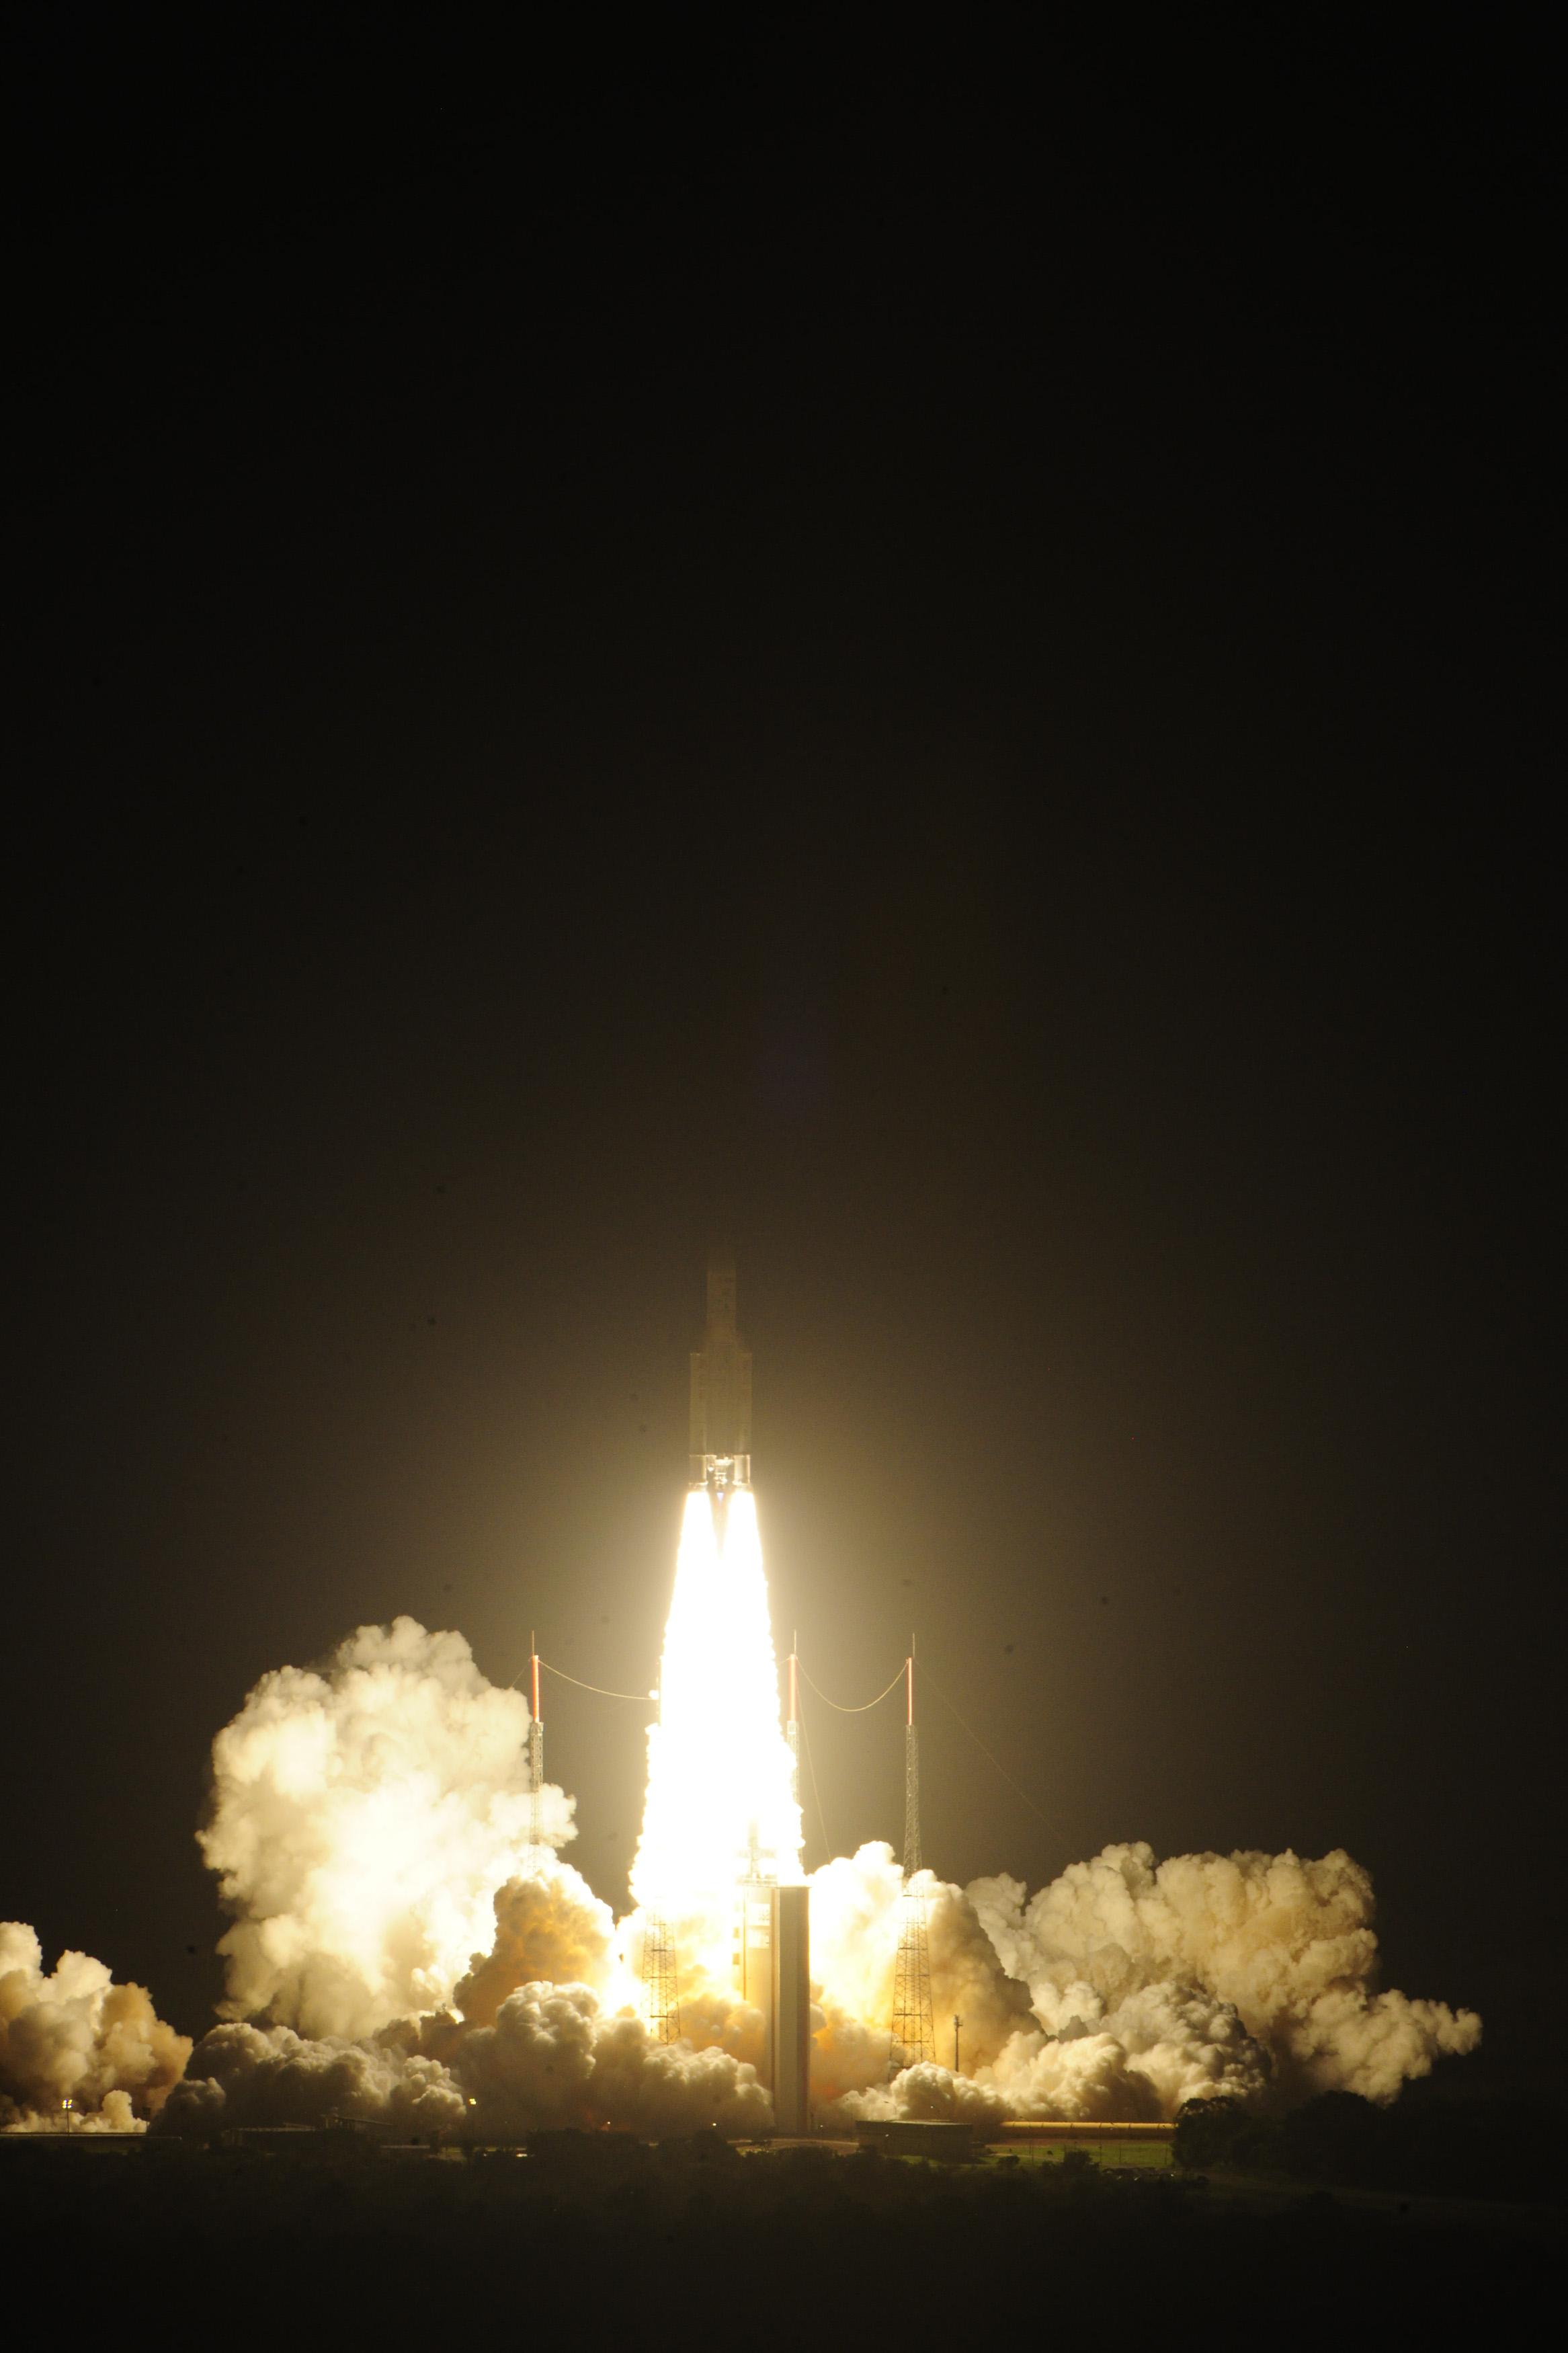 Ariane 5 Lifts Off with ATV-4 Albert Einstein